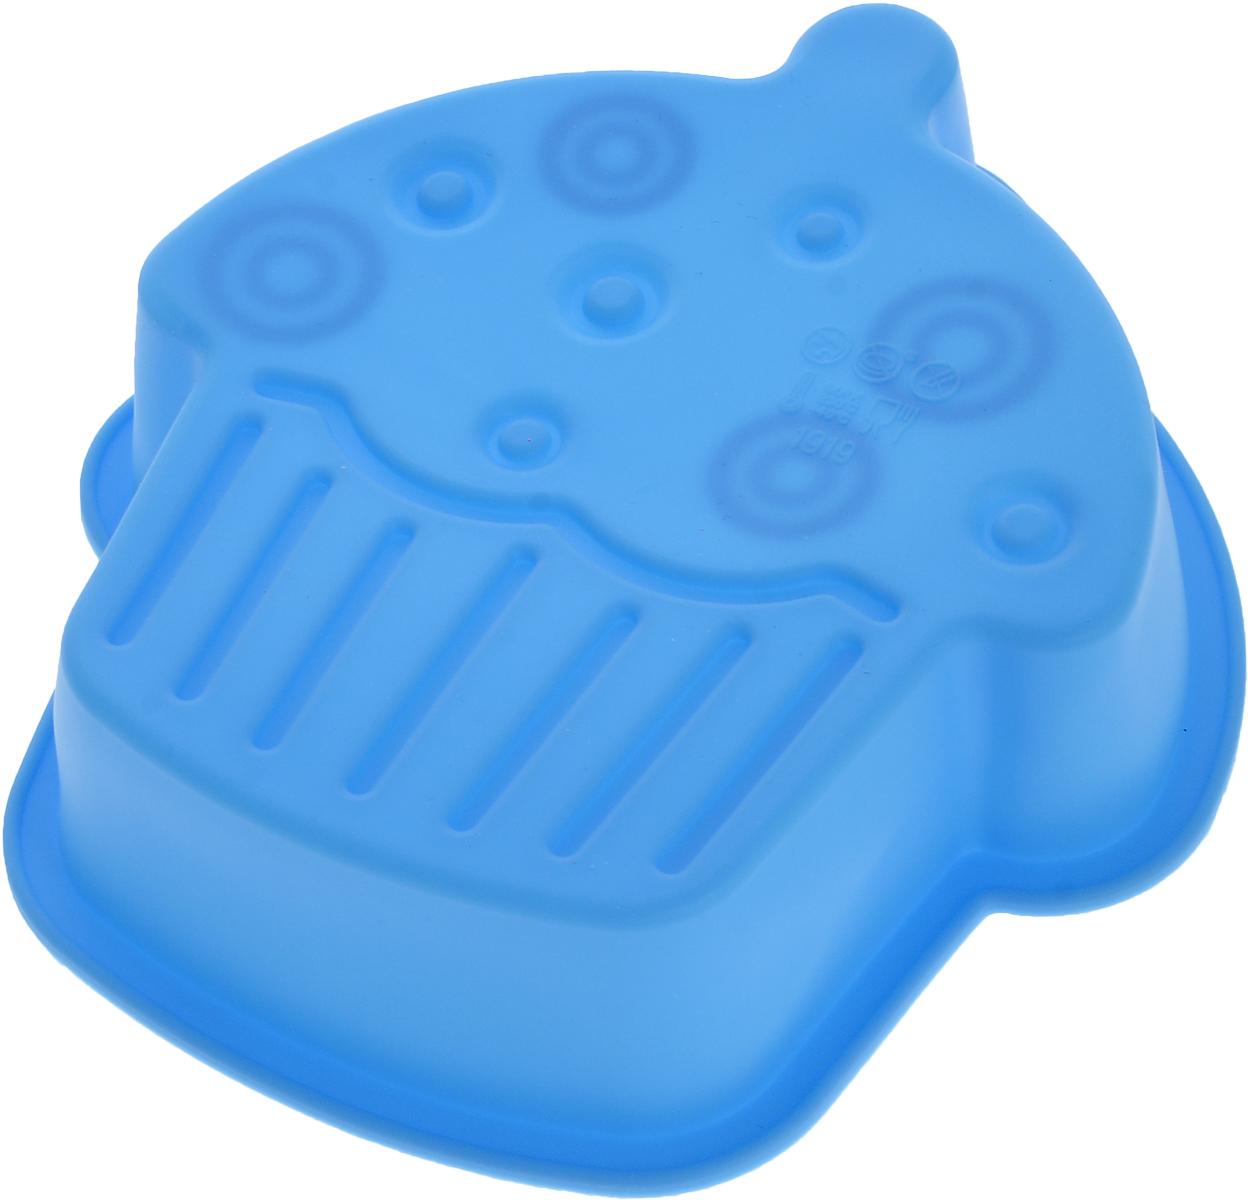 Форма для выпечки Доляна Пирожное, цвет: голубой, 15 х 4 см1166840_голубойФорма Доляна Пирожное, выполненная из силикона, будет отличным выбором для всех любителей домашней выпечки. Силиконовые формы для выпечки имеют множество преимуществ по сравнению с традиционными металлическими формами и противнями. Нет необходимости смазывать форму маслом. Форма быстро нагревается, равномерно пропекает, не допускает подгорания выпечки с краев или снизу.Вынимать продукты из формы очень легко. Слегка выверните края формы или оттяните в сторону, и ваша выпечка легко выскользнет из формы.Материал устойчив к фруктовым кислотам, не ржавеет, на нем не образуются пятна.Форма может быть использована в духовках и микроволновых печах (выдерживает температуру от -40°С до +250°С), также ее можно помещать в морозильную камеру и холодильник. Можно мыть в посудомоечной машине.Размер формы: 15 х 14 х 4 см.